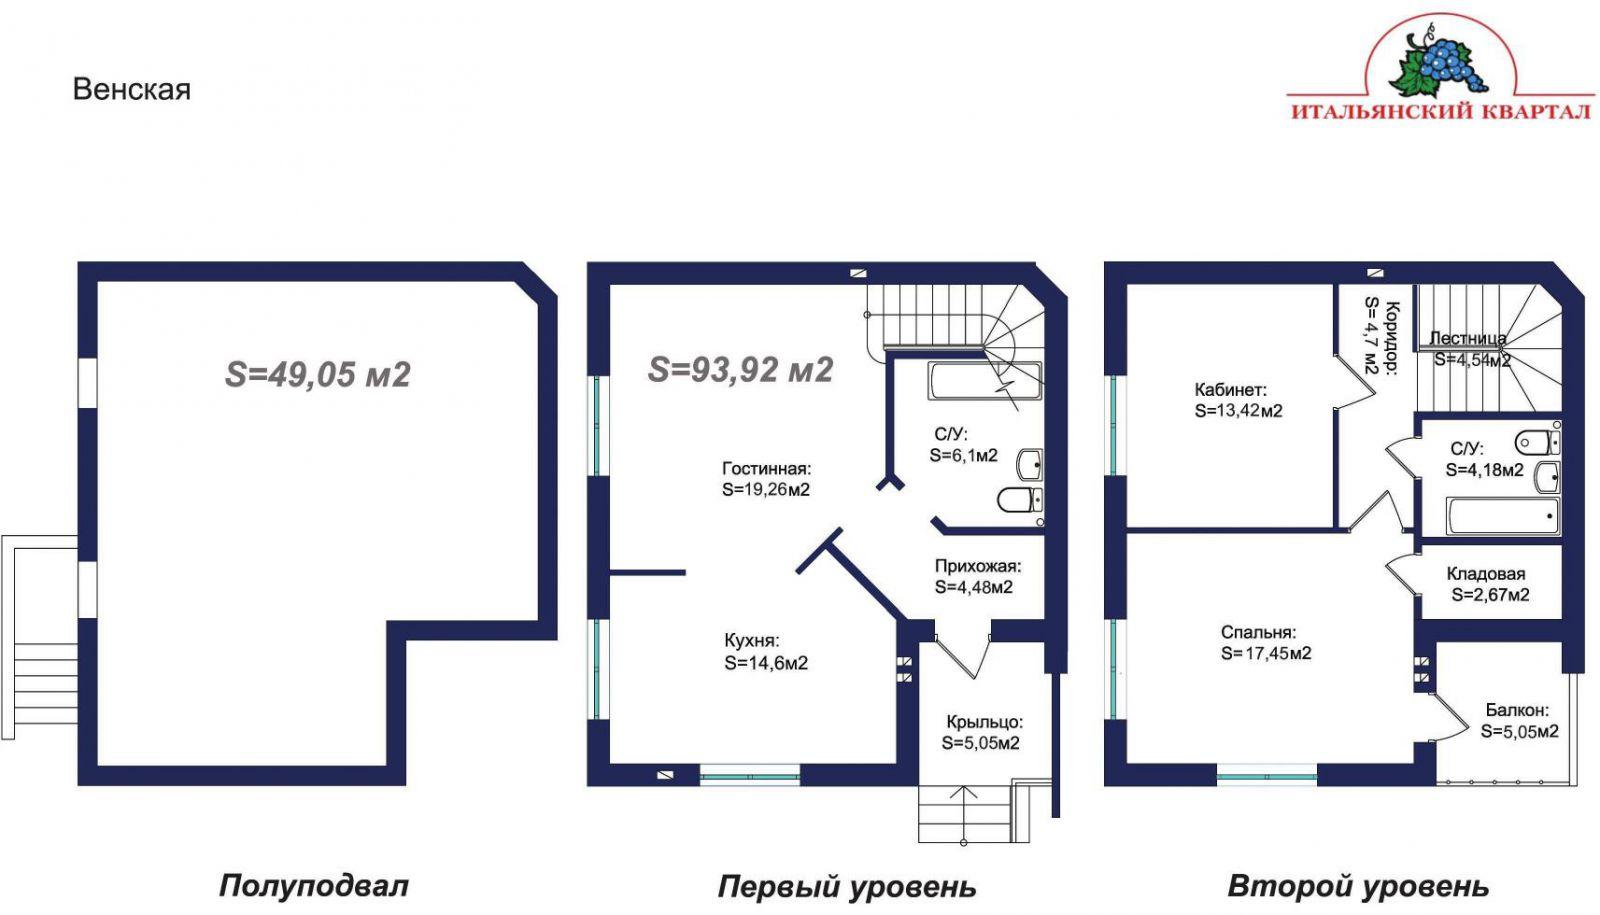 Зеленый Мыс коттедж 93,92 m2